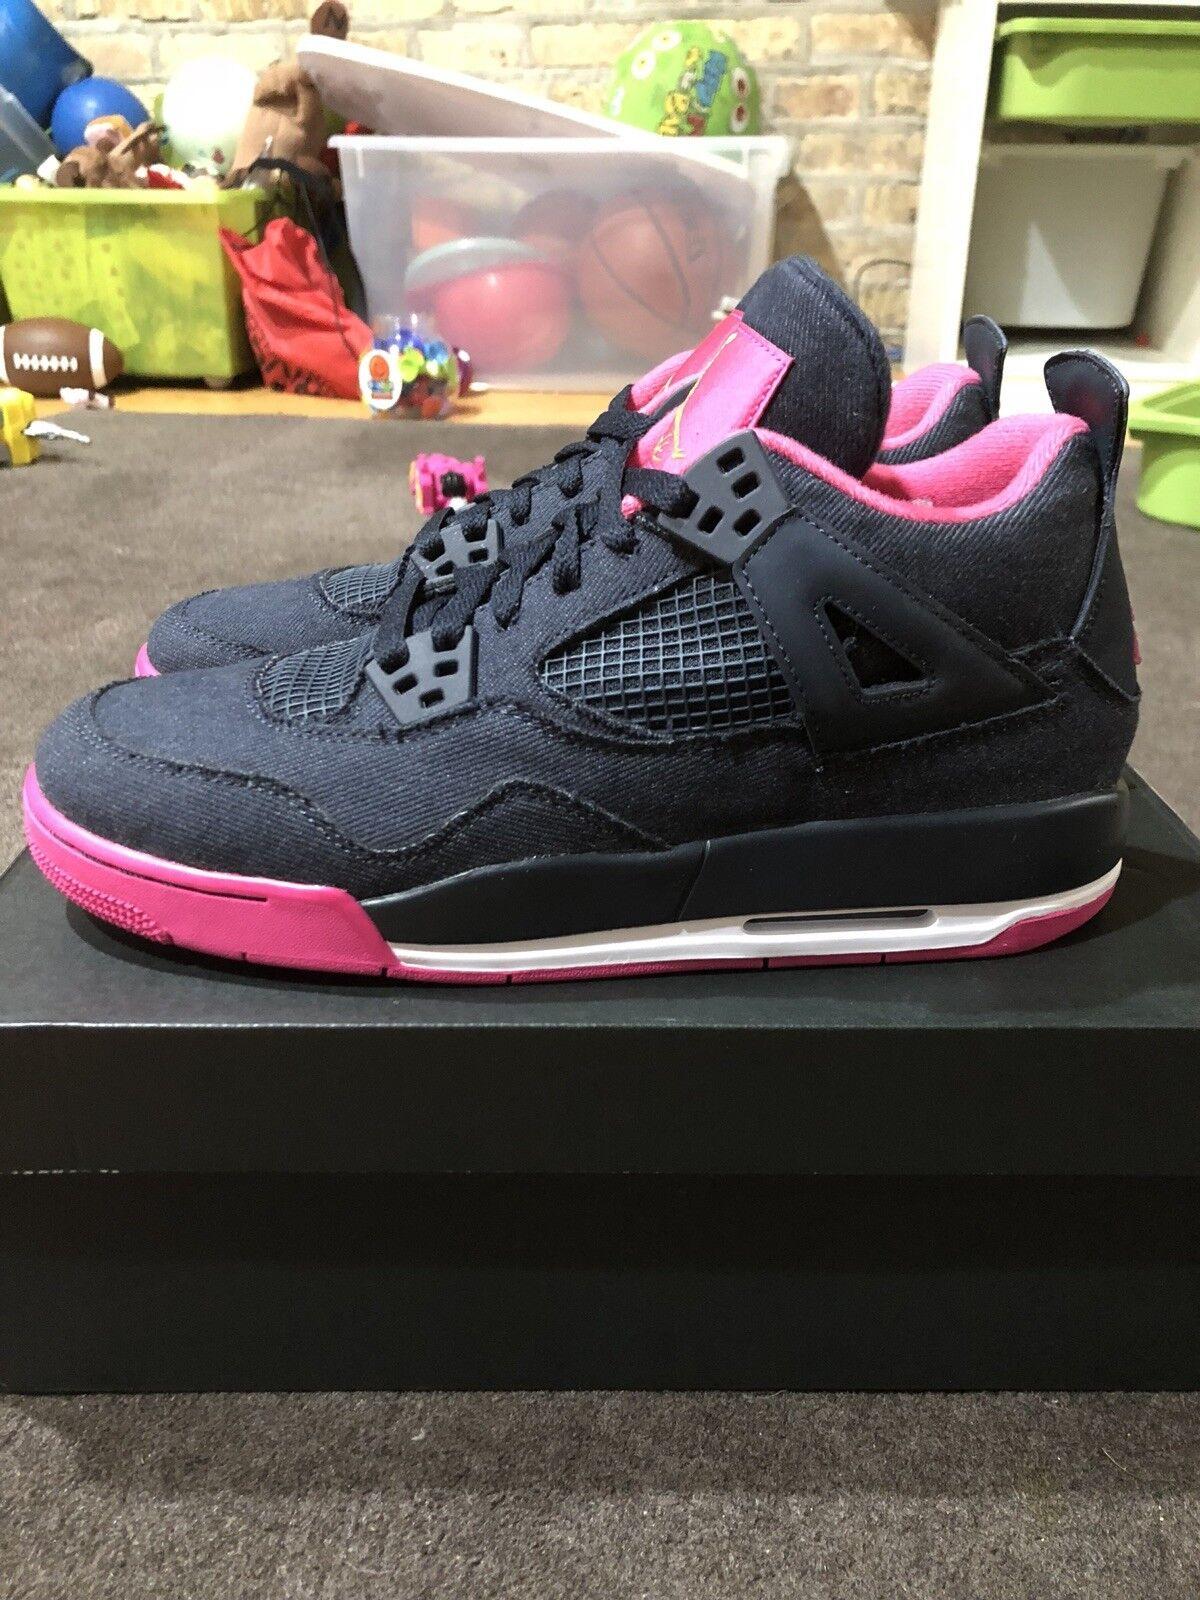 Nike air jordan 4 retr gg denim rosa 9.5y = = uomini sz 9,5 = 9.5y donne sz 11 1f7c59